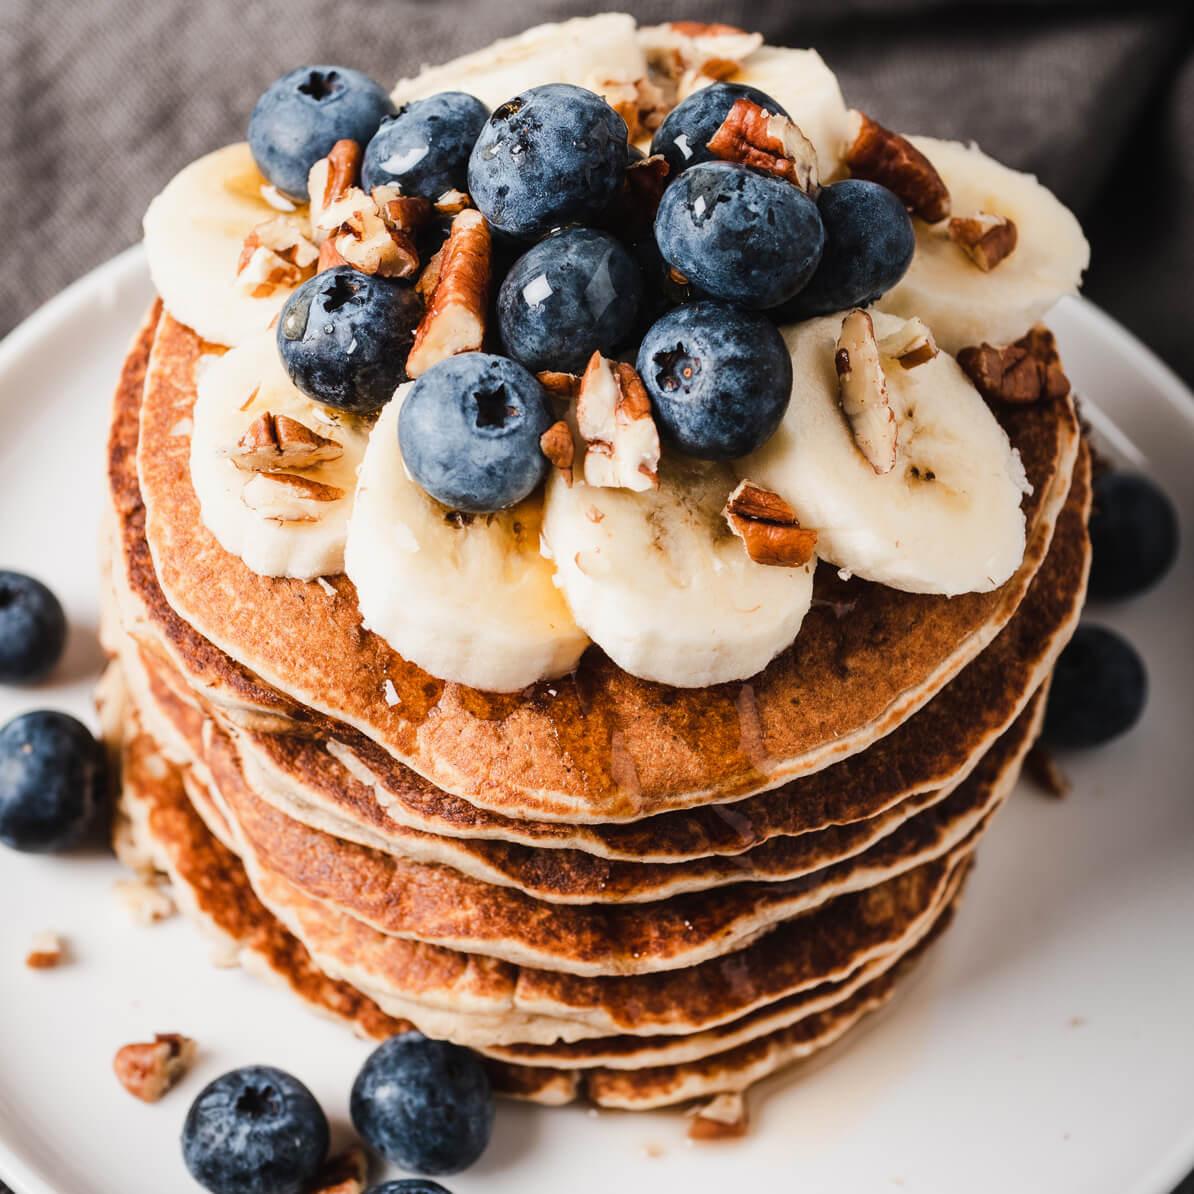 Pancake glutenfree alla banana